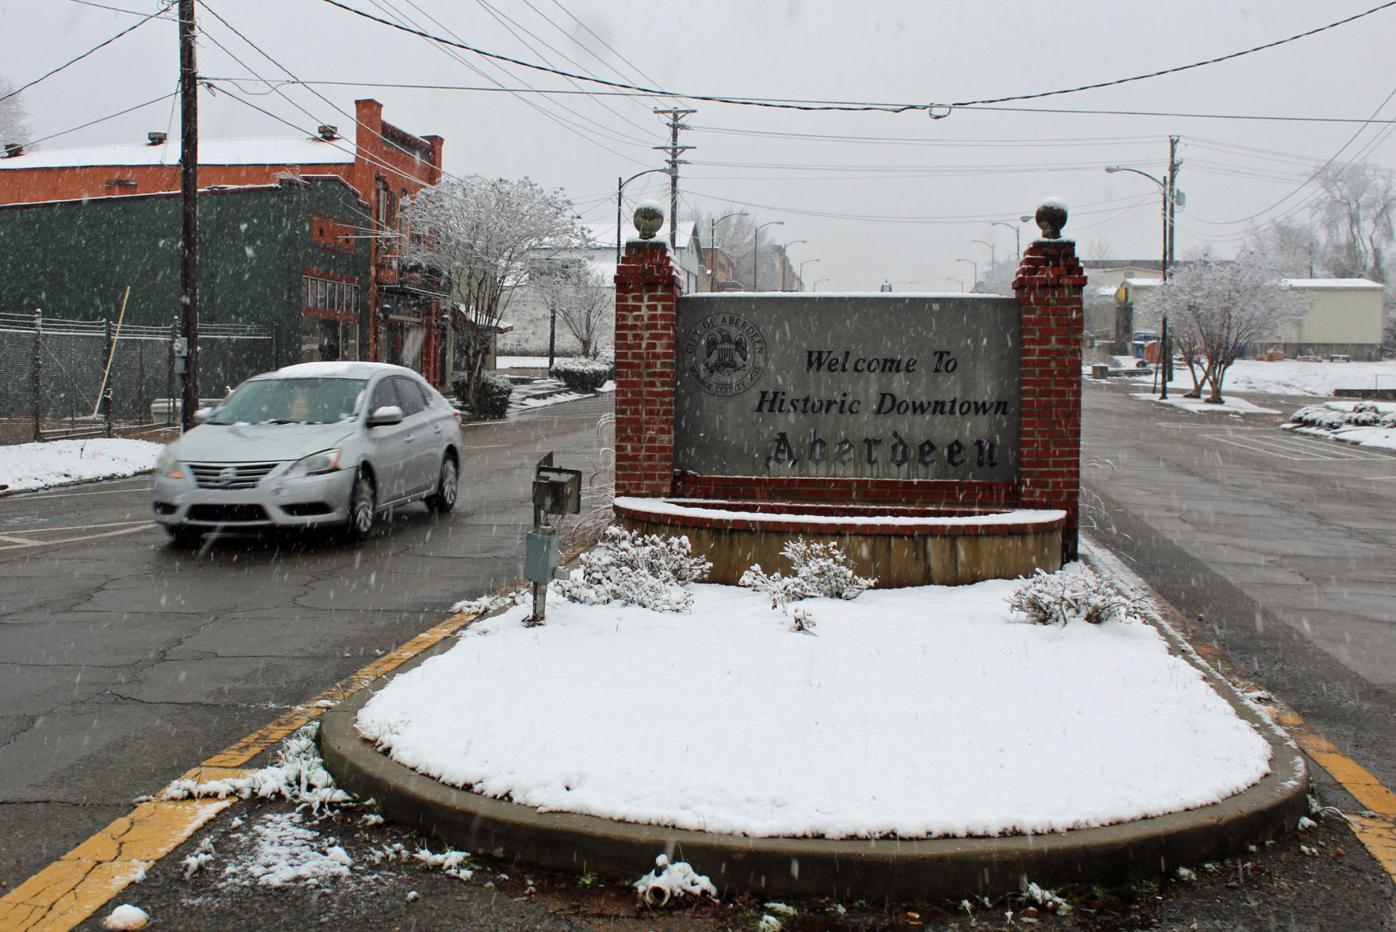 mcj-2021-01-13-news-snow-downtown-aberdeen